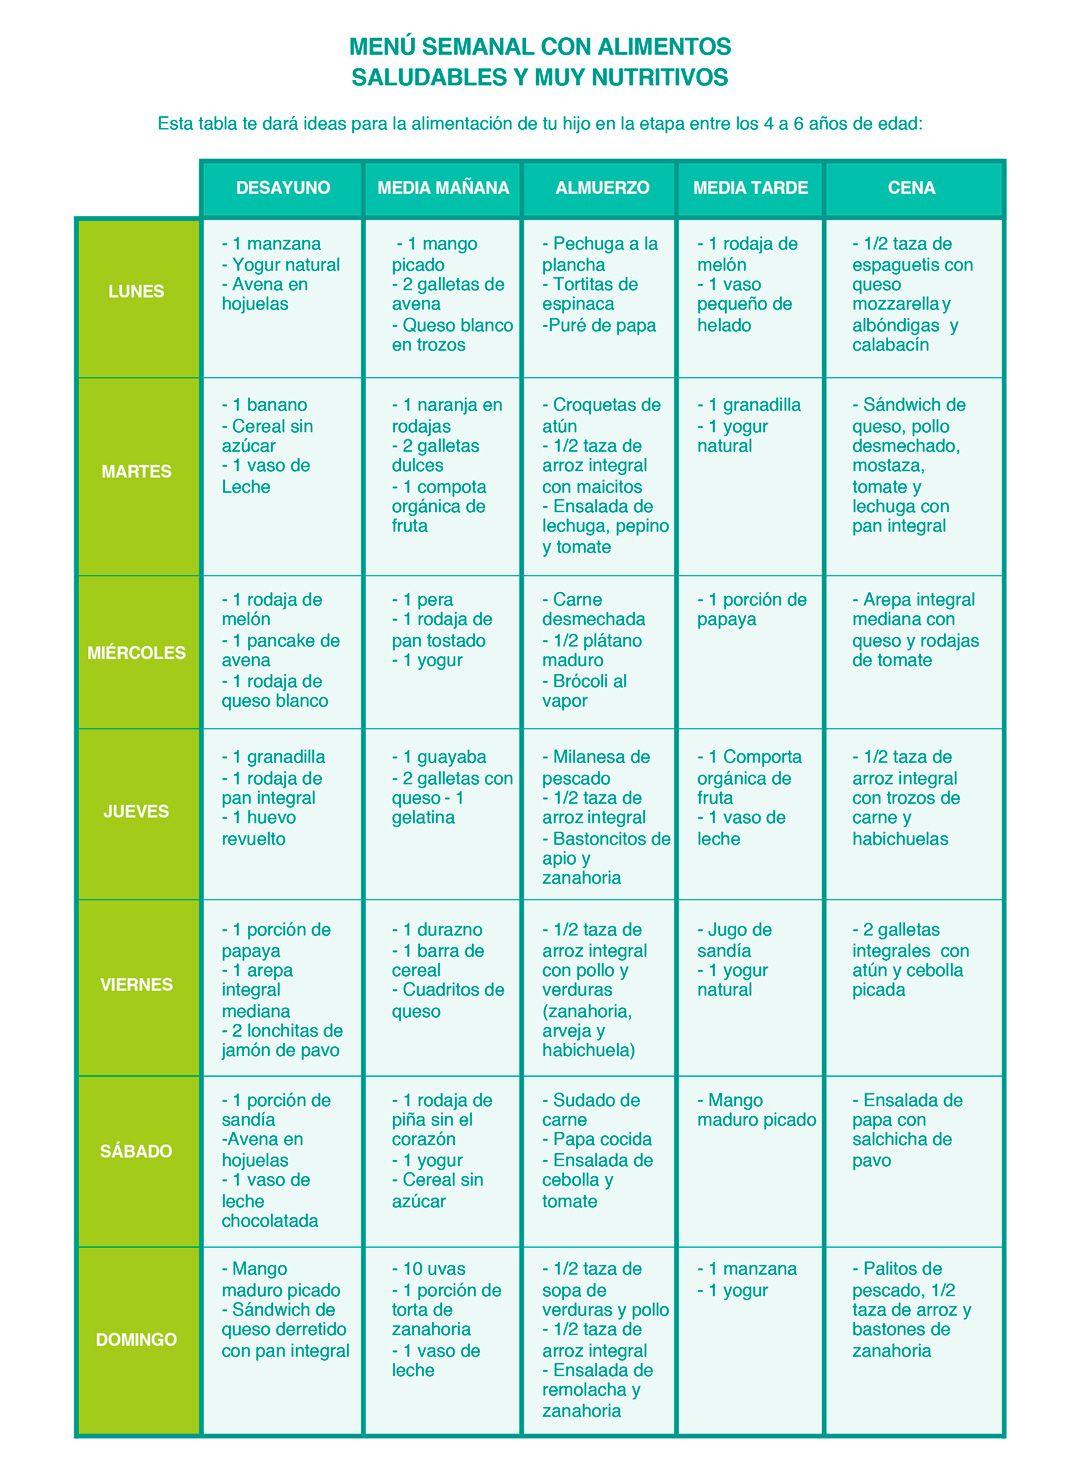 Menu Saludable Para Ninos Para Disfrutar Toda La Semana En La Etapa Entre Los 4 A 6 Menu Saludable Para Ninos Dieta Para Ninos Comidas Saludables Para Ninos